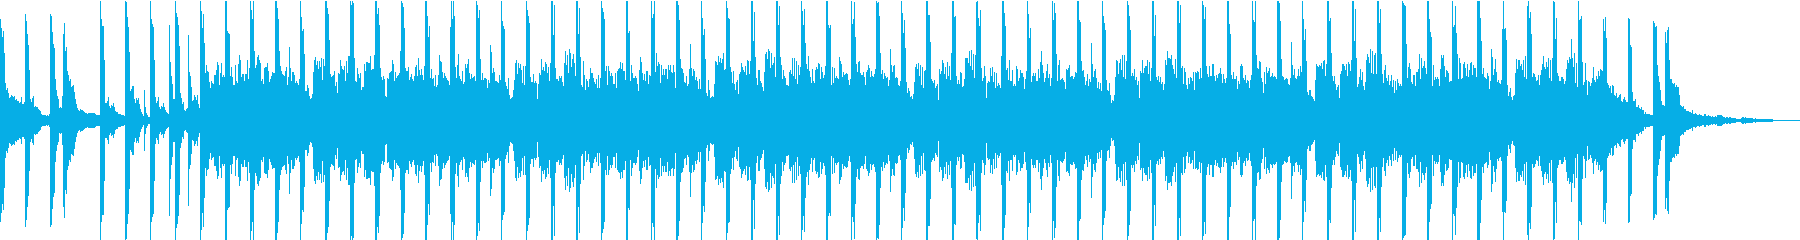 ホリデー/バカンスの雰囲気のある明...の再生済みの波形